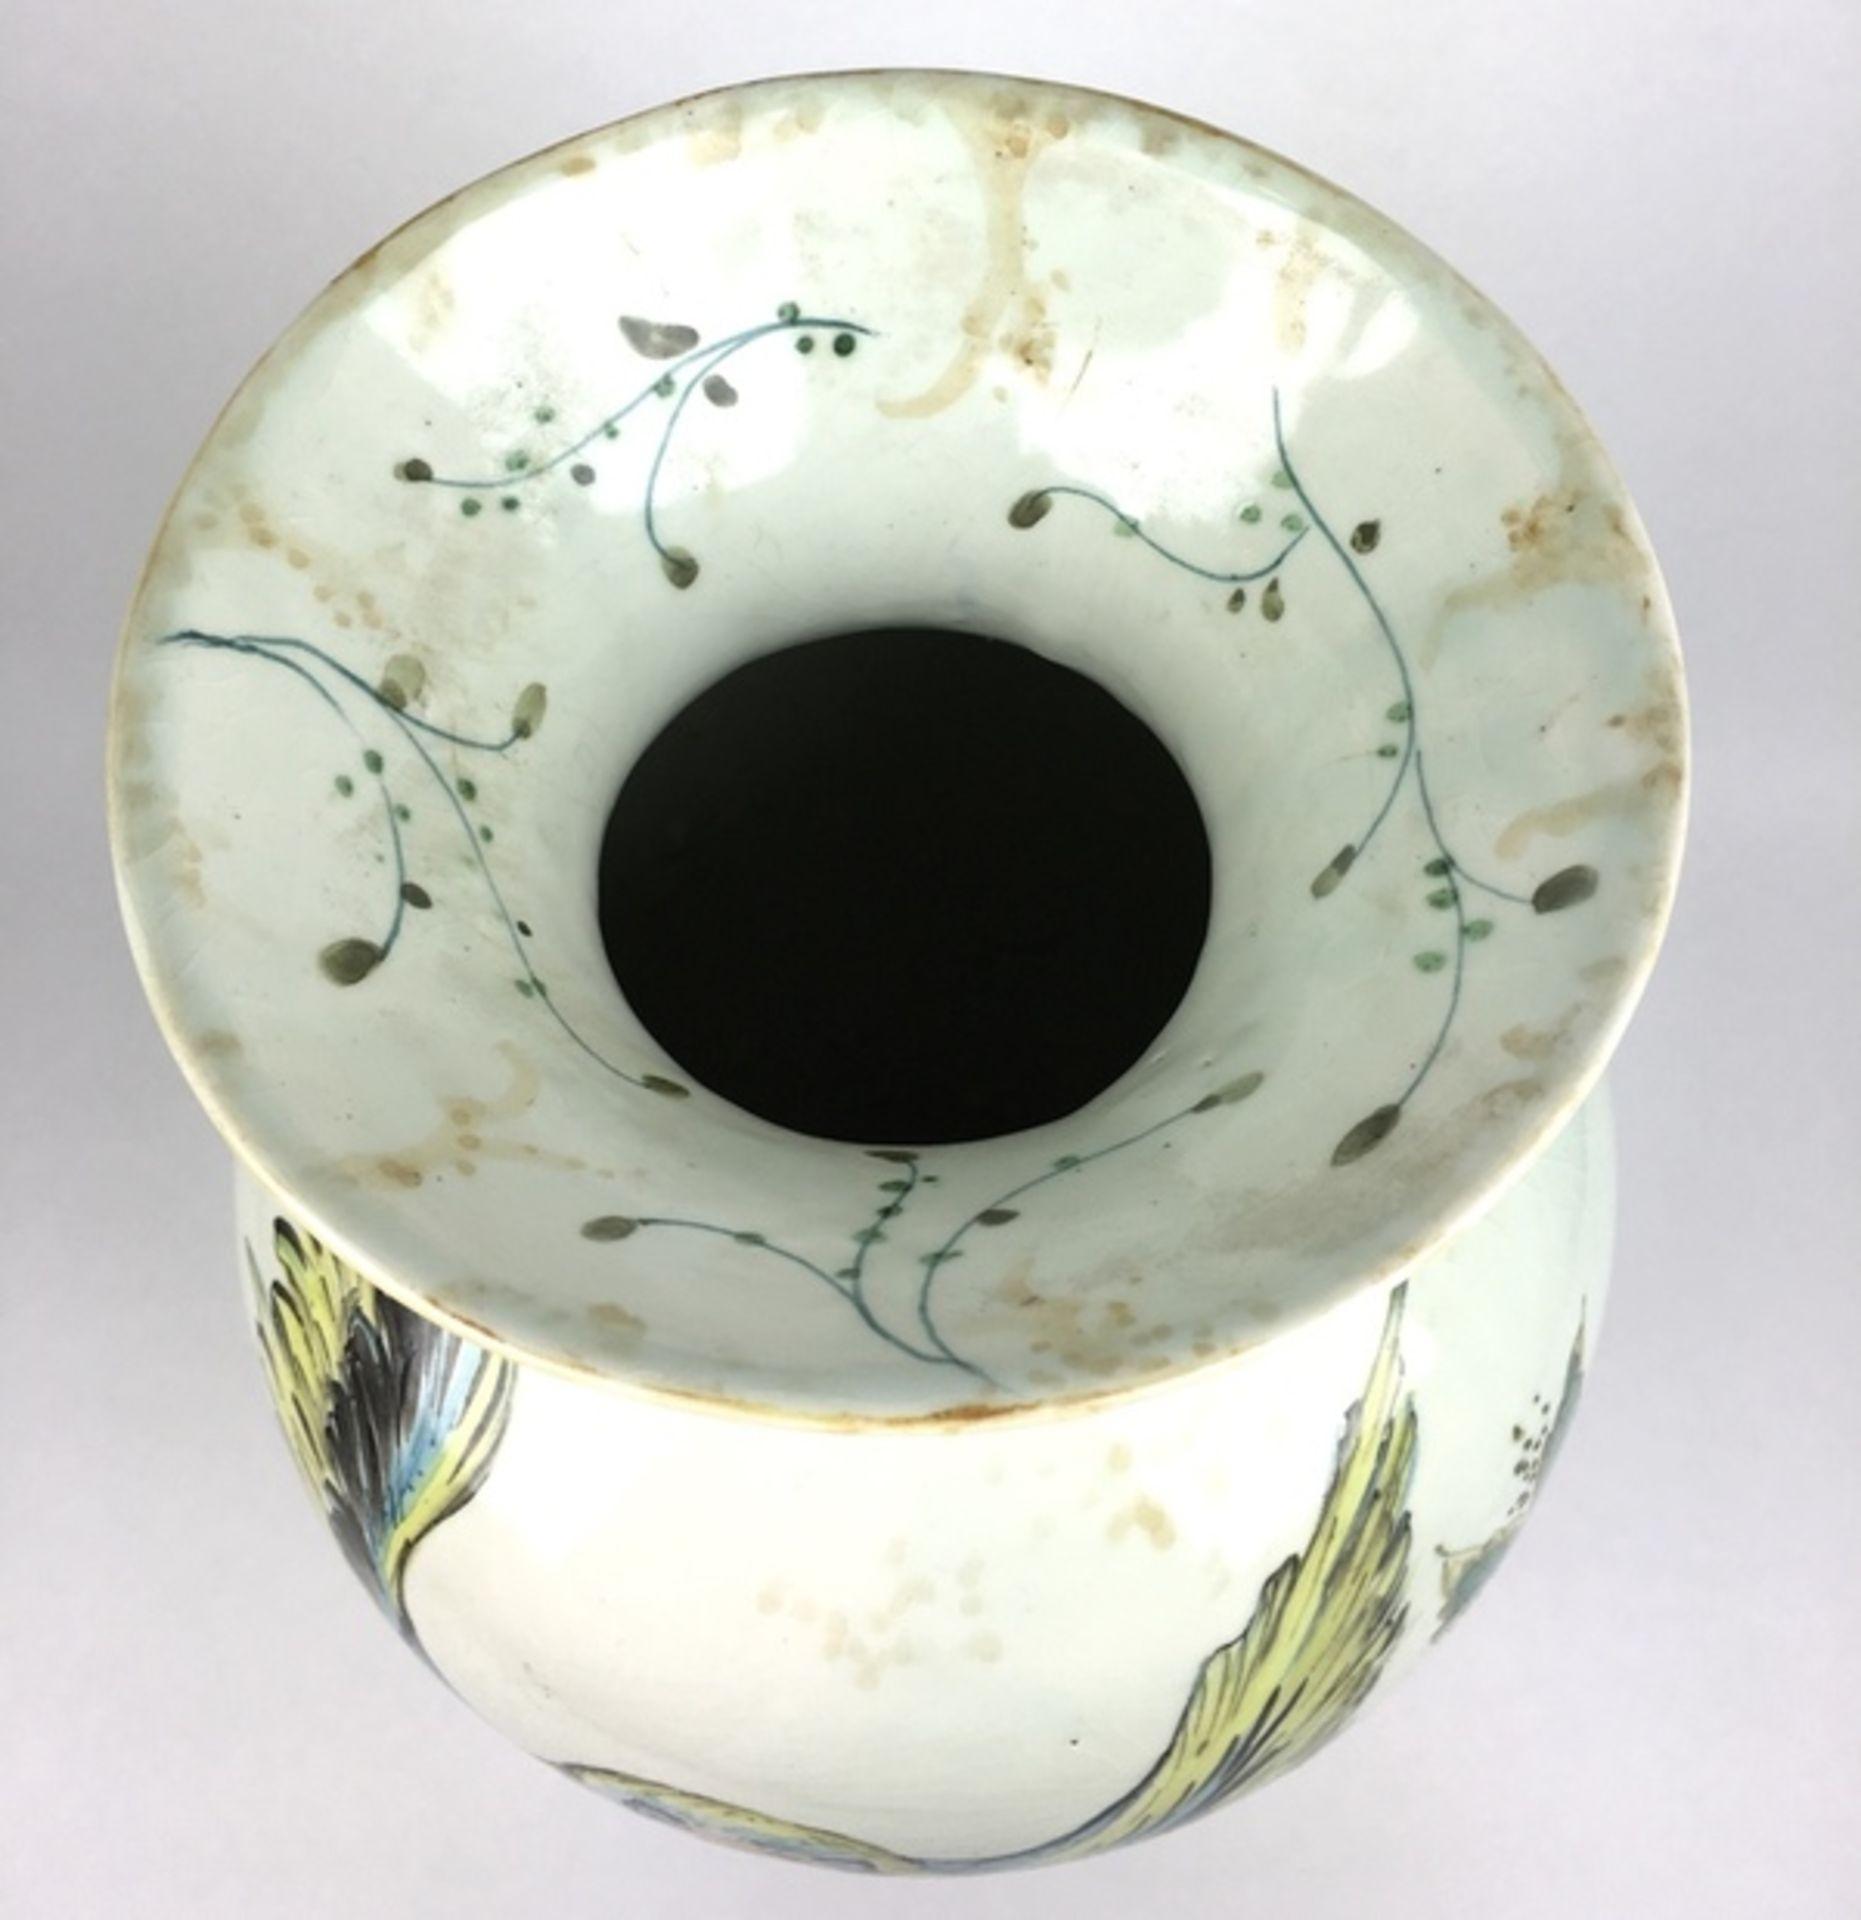 (Toegepaste Kunst) Plateel vaas, Gouda HollandPolychroom gedecoreerde vaas. Gemerkt Gouda Holla - Image 7 of 9